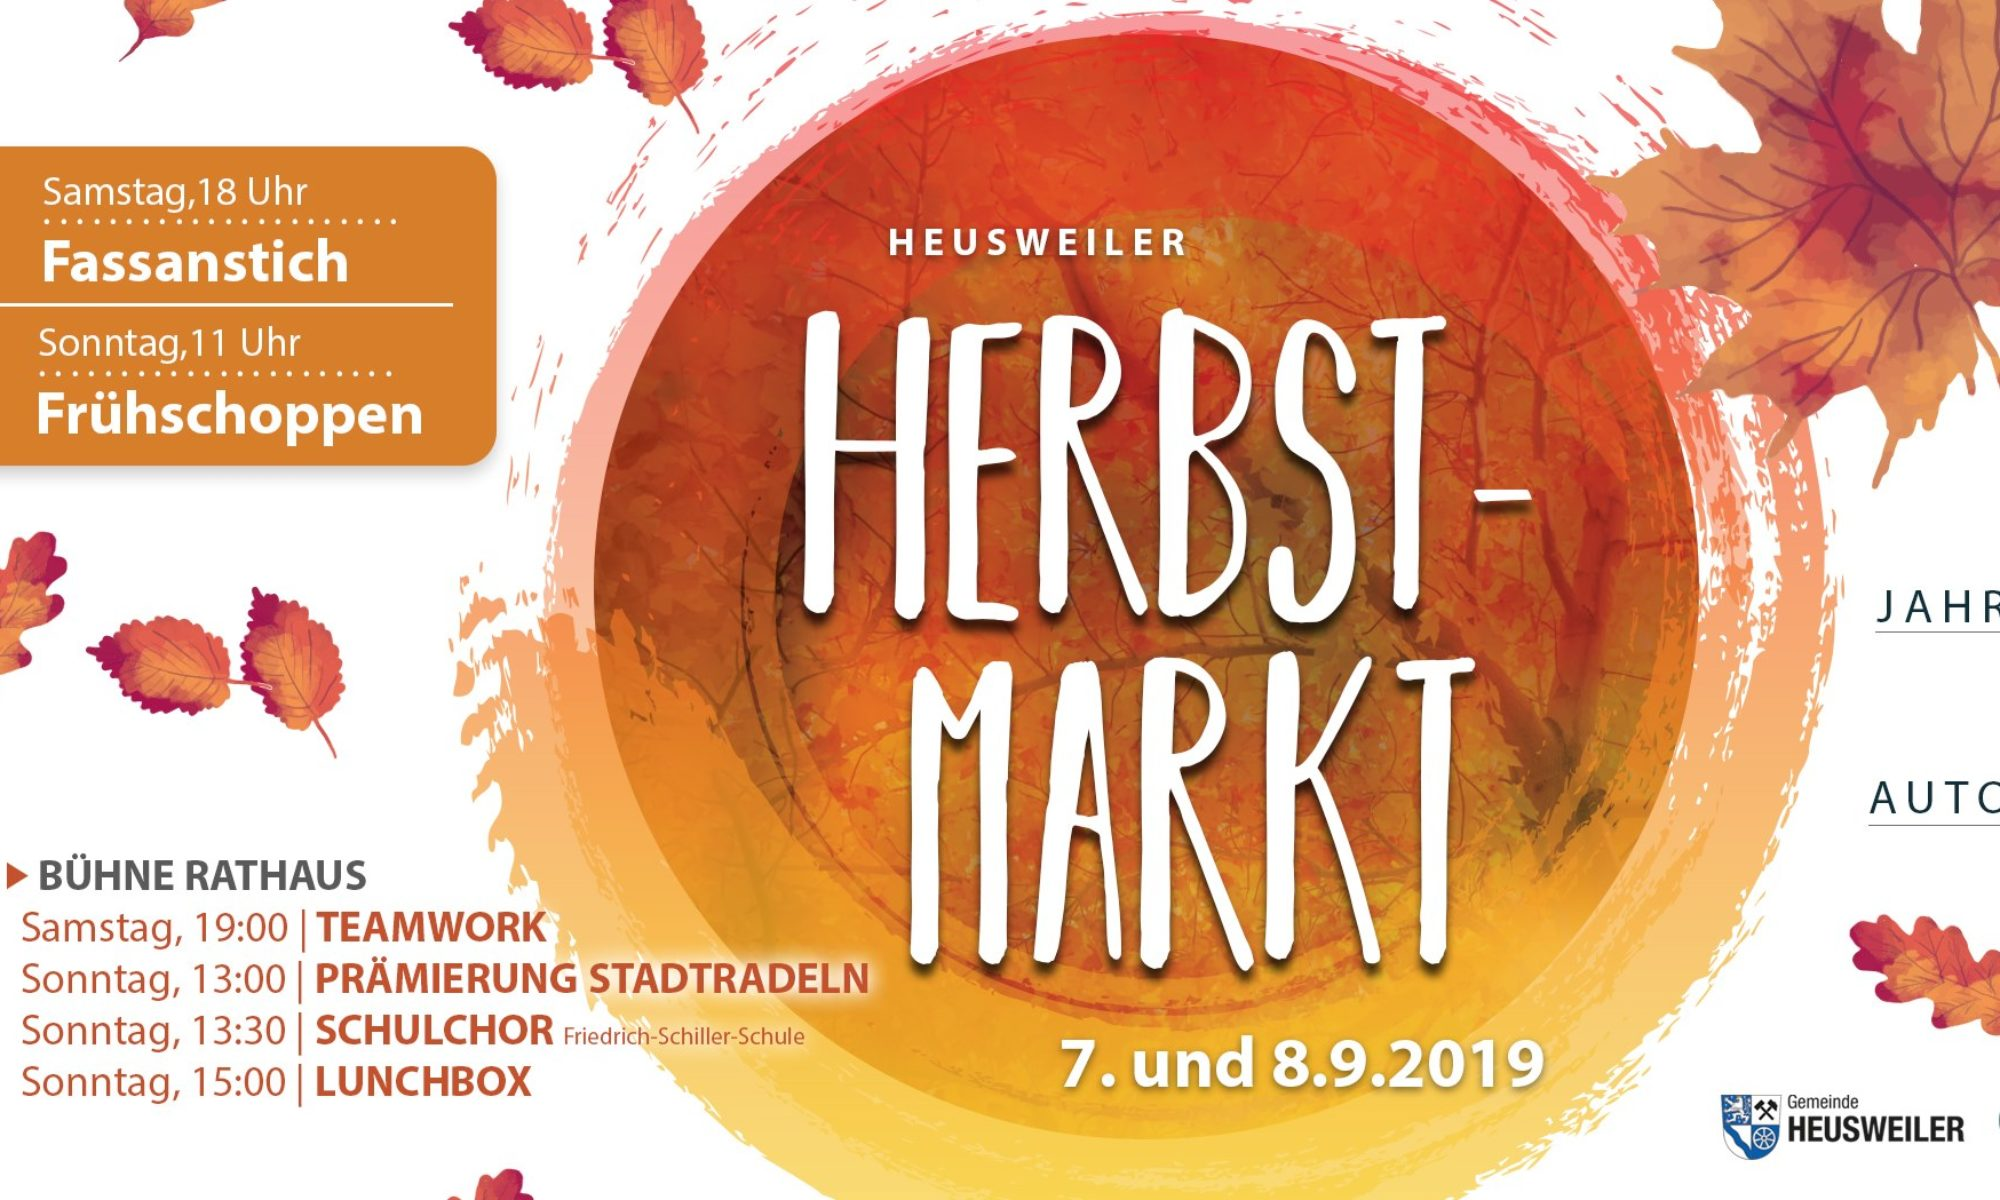 Heusweiler Herbstmarkt 2019